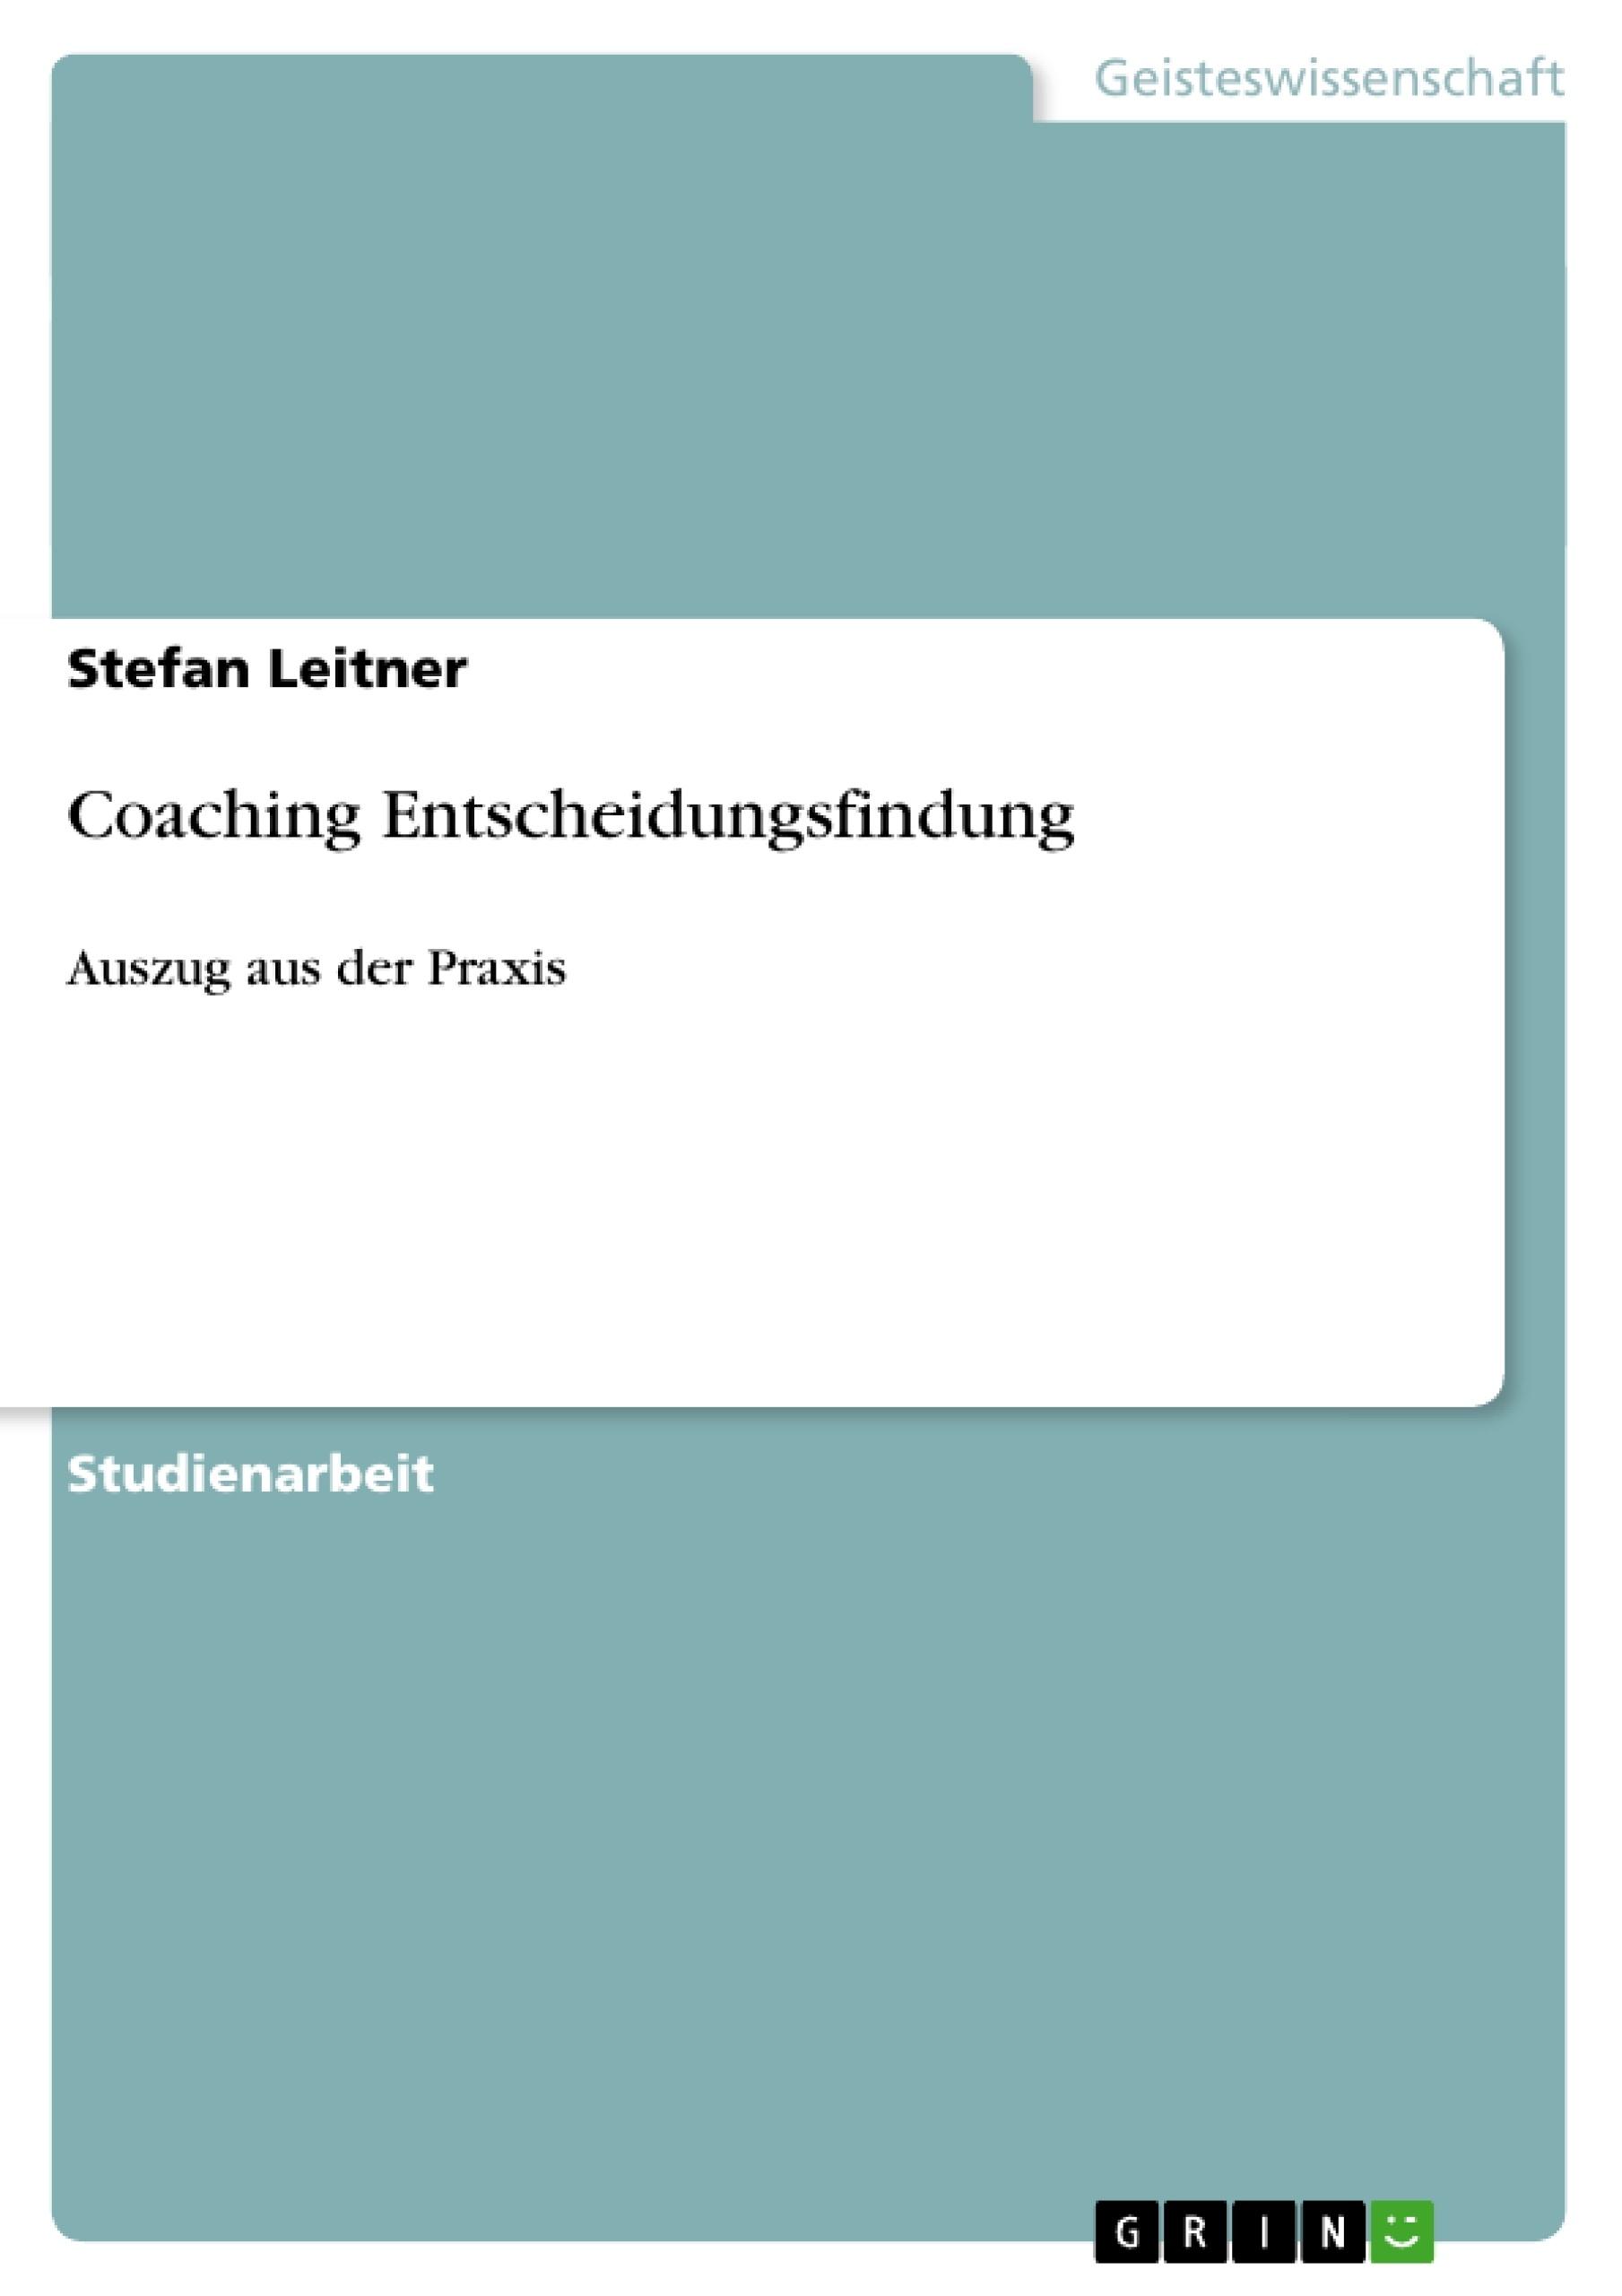 Titel: Coaching Entscheidungsfindung